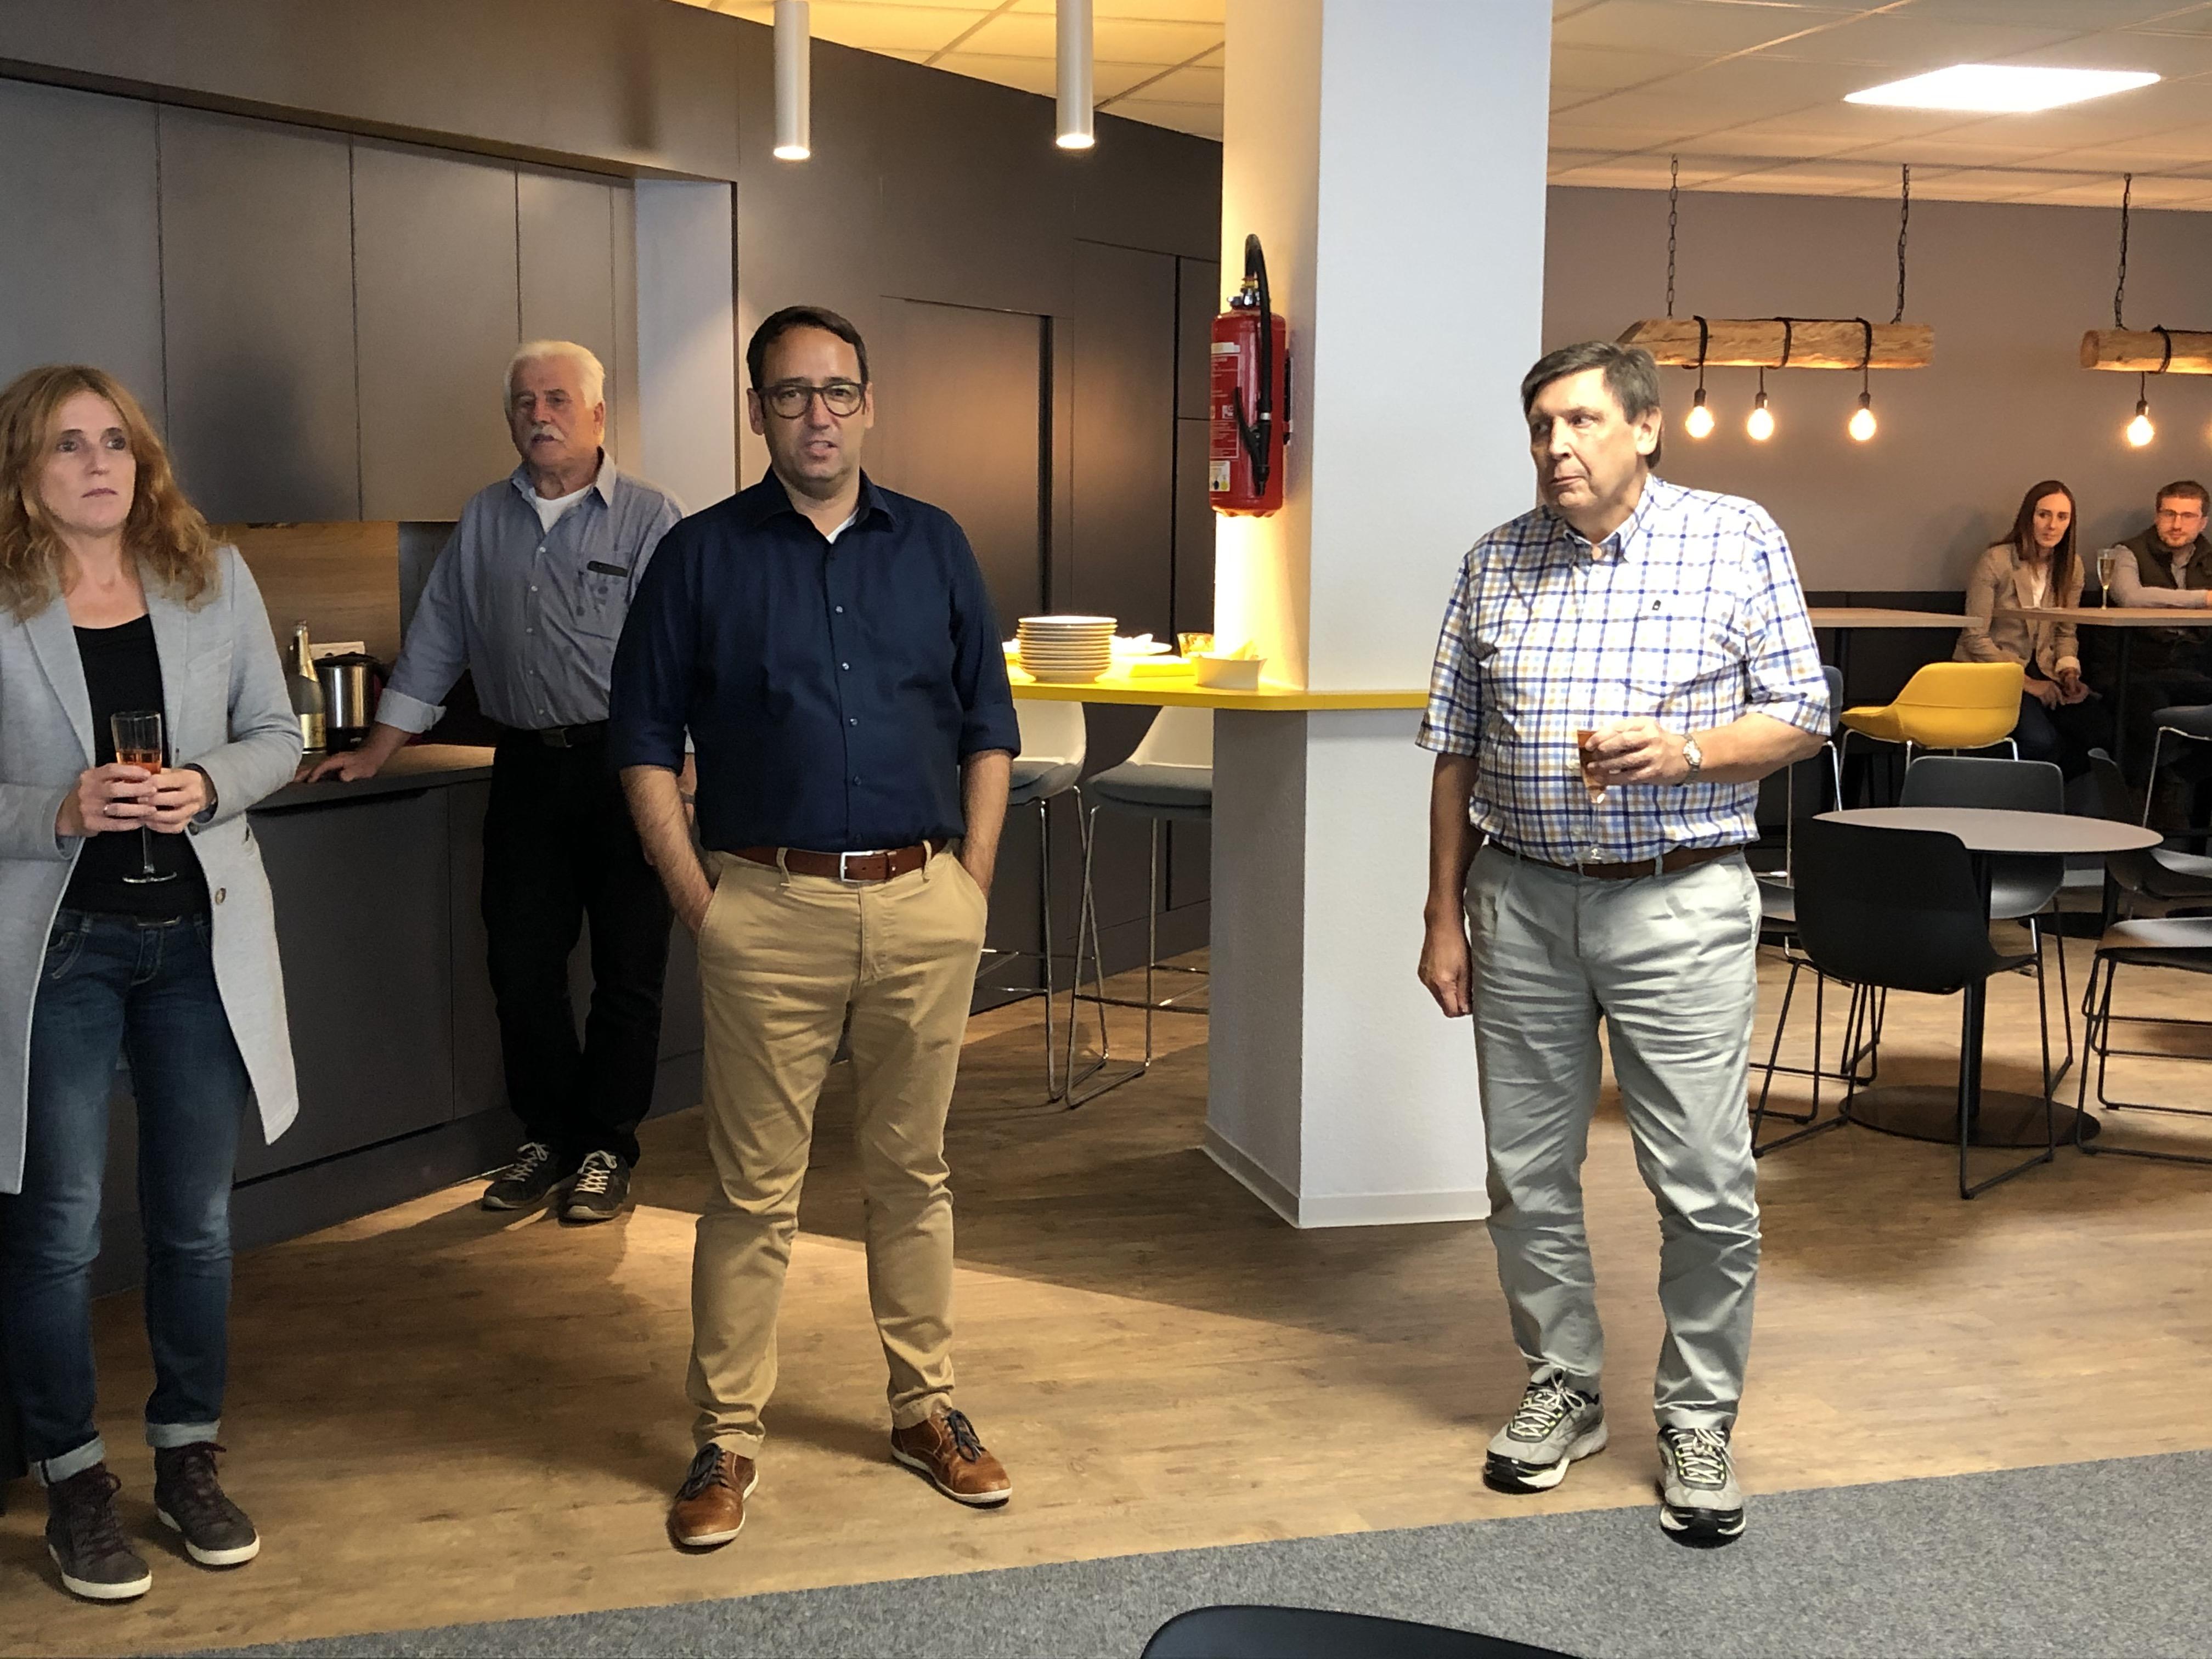 News Foto Einweihung Lounge - Gepflegt chillen und arbeiten: Innovabee weiht neue Lounge ein